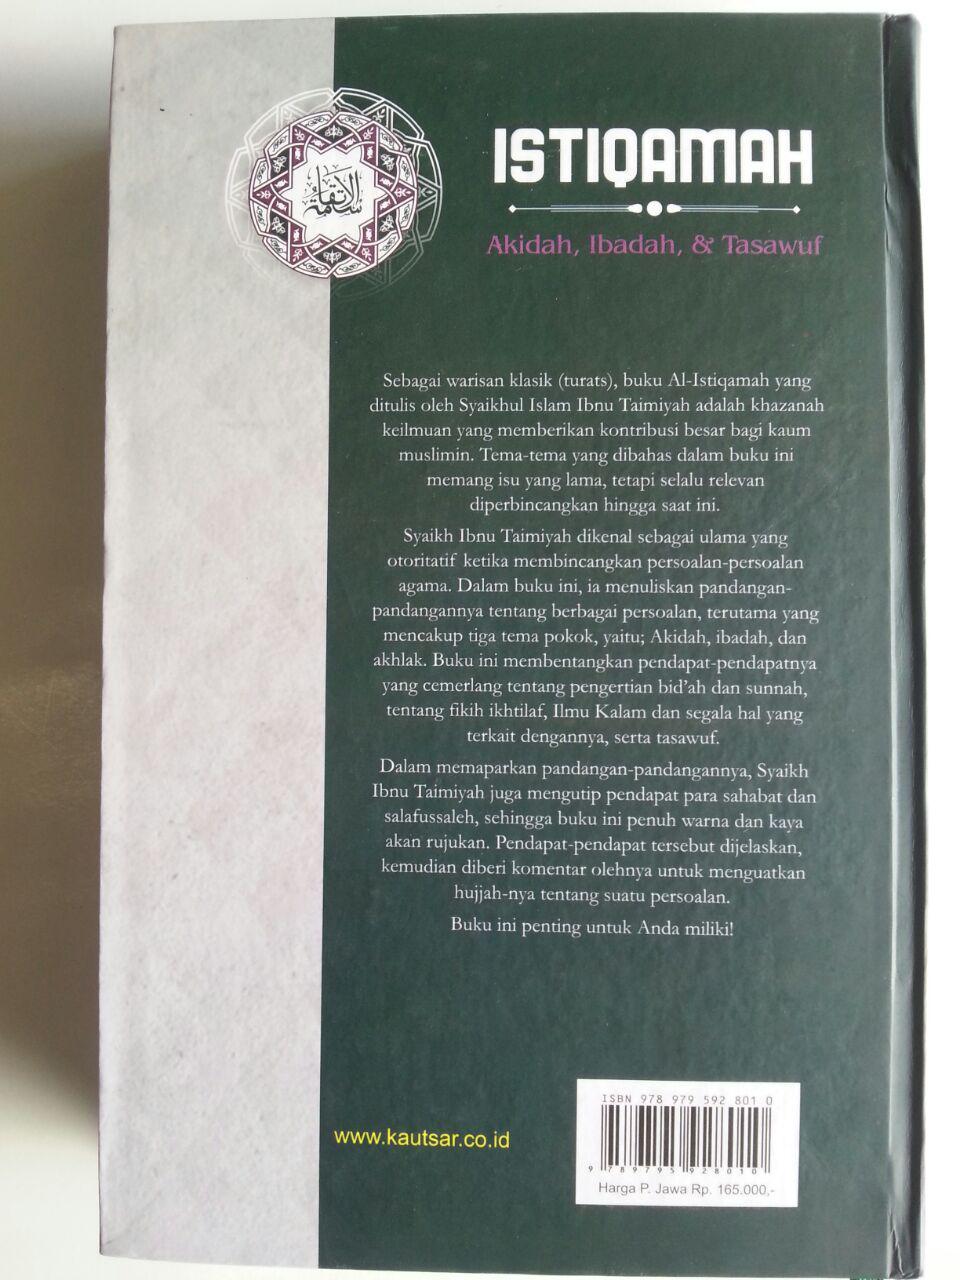 Buku Istiqamah Pelajaran Akidah Ibadah Dan Tasawuf cover